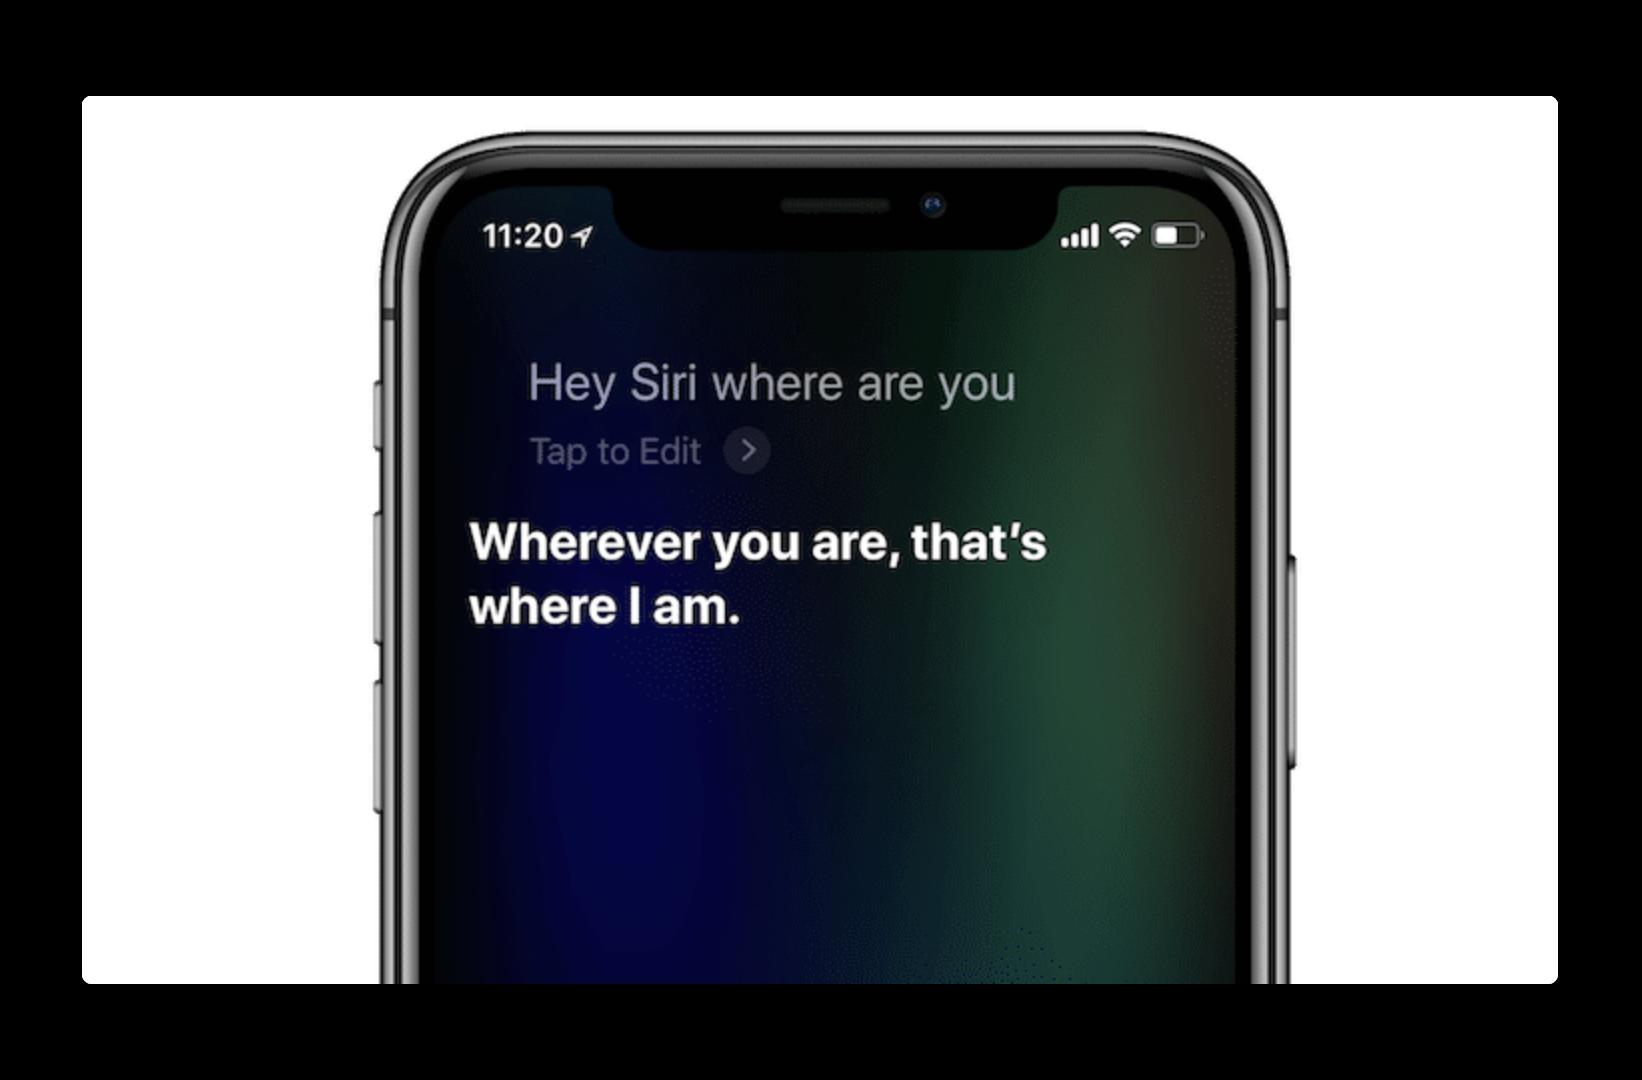 iOS 11.4 では、SiriはAirPlayコマンドを認識出来るようになる